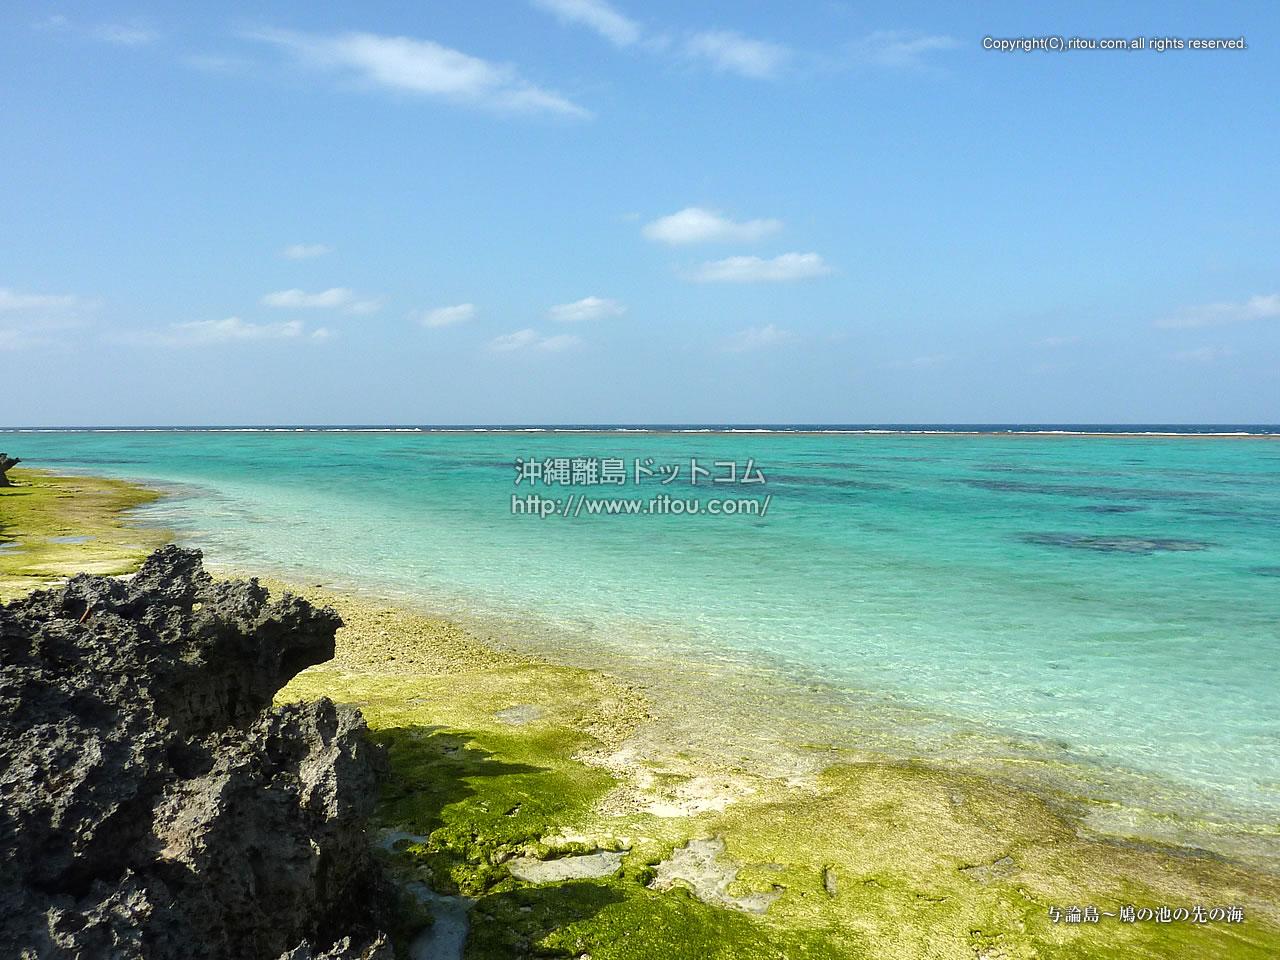 与論島〜鳩の池の先の海